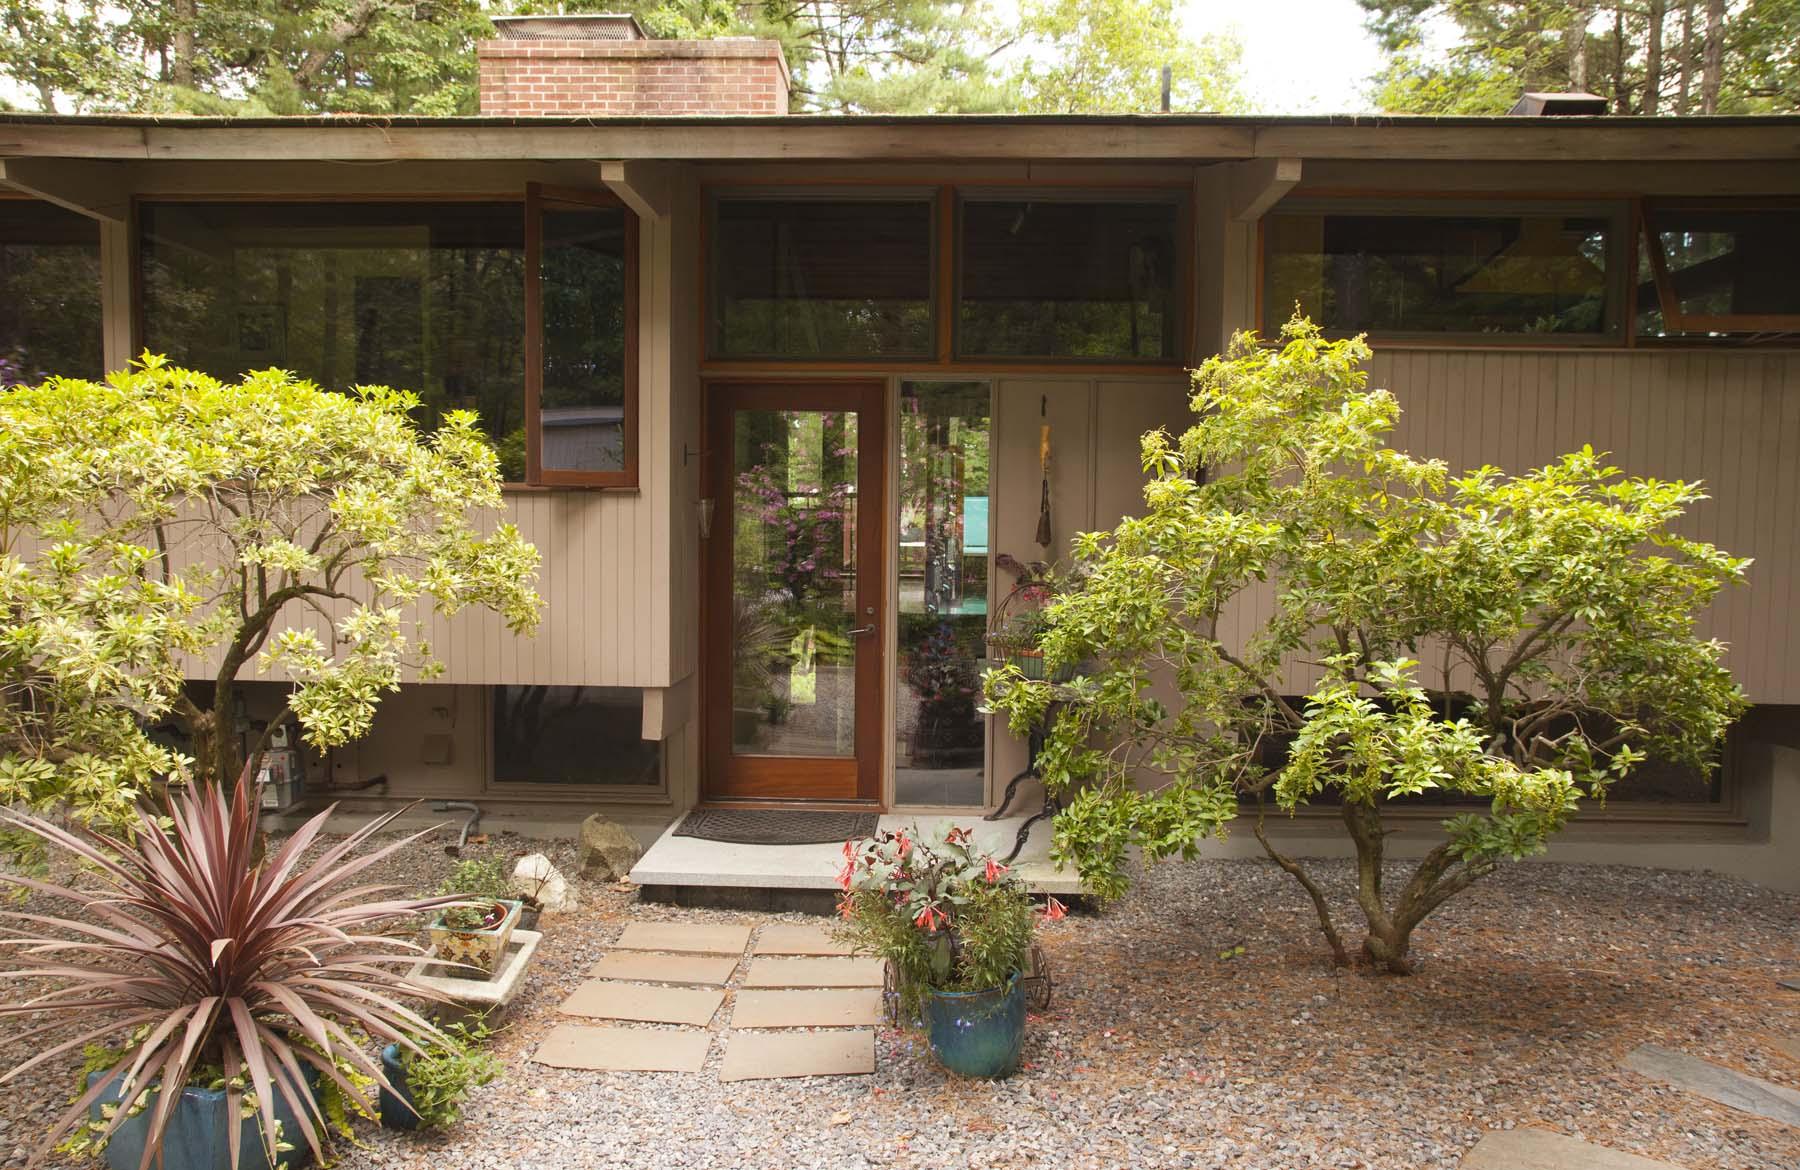 단독 가정 주택 용 매매 에 Classic mid-century modern Deck home sited atop of a hill 101 Loker St Wayland, 매사추세츠, 01778 미국